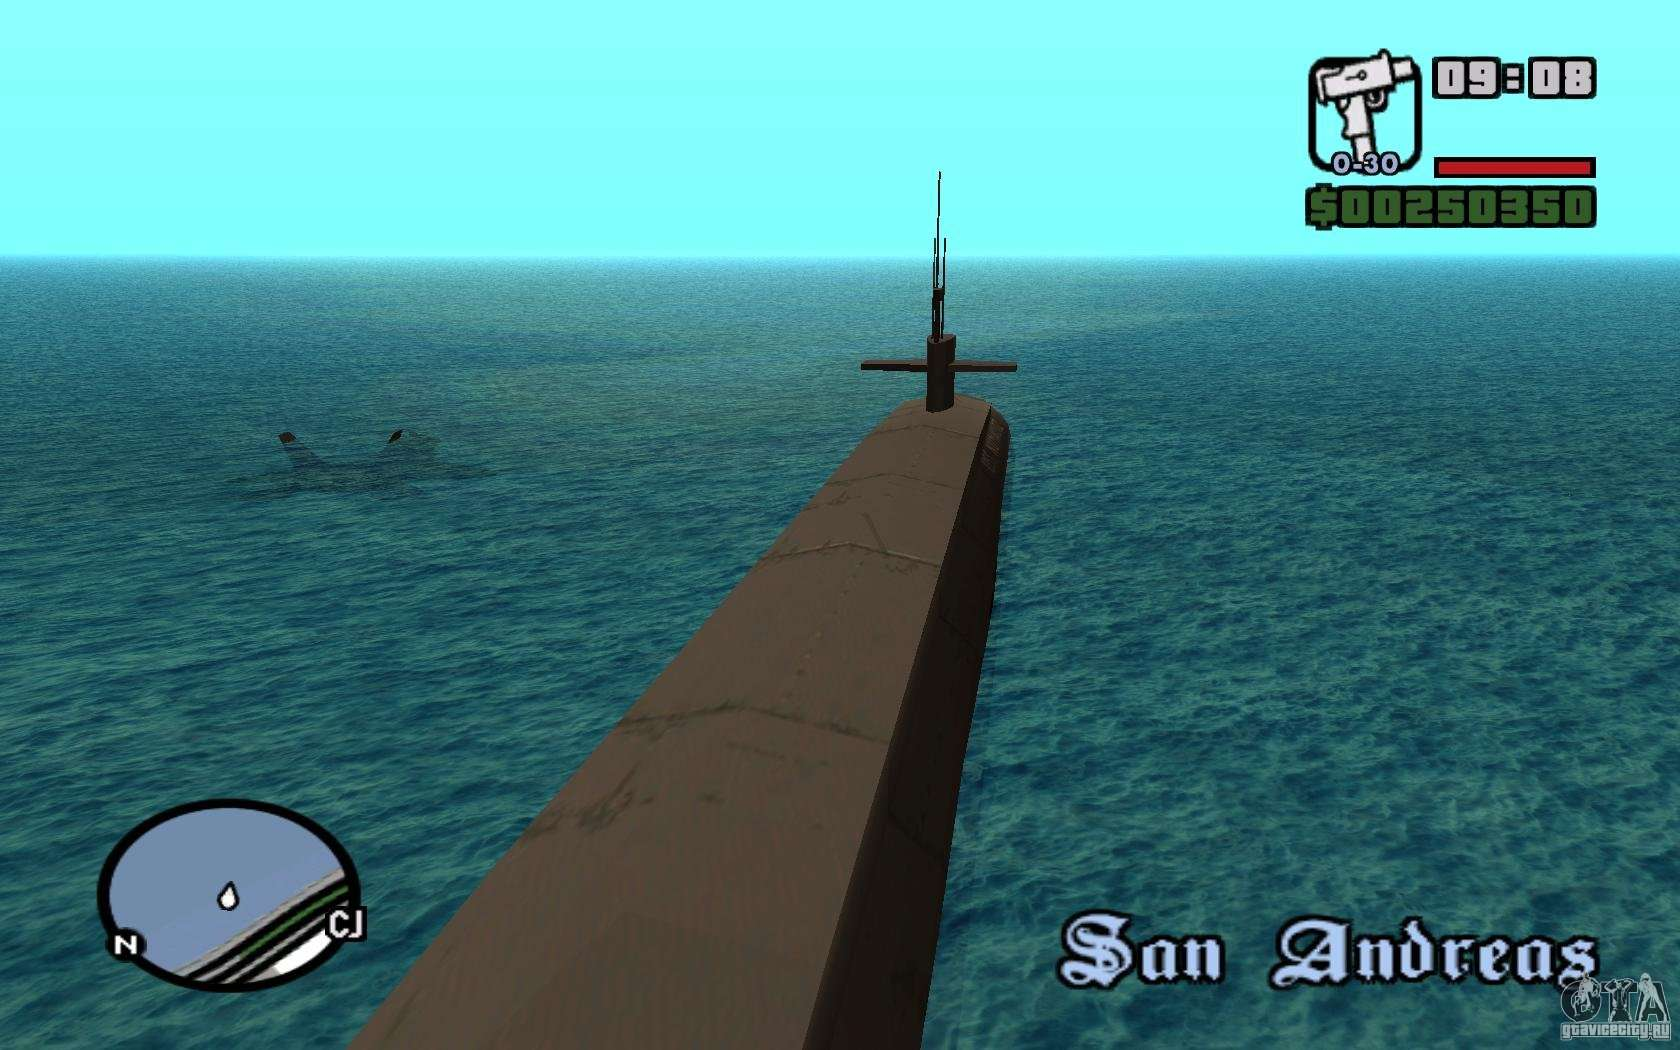 где стоит подводная лодка в гта 5